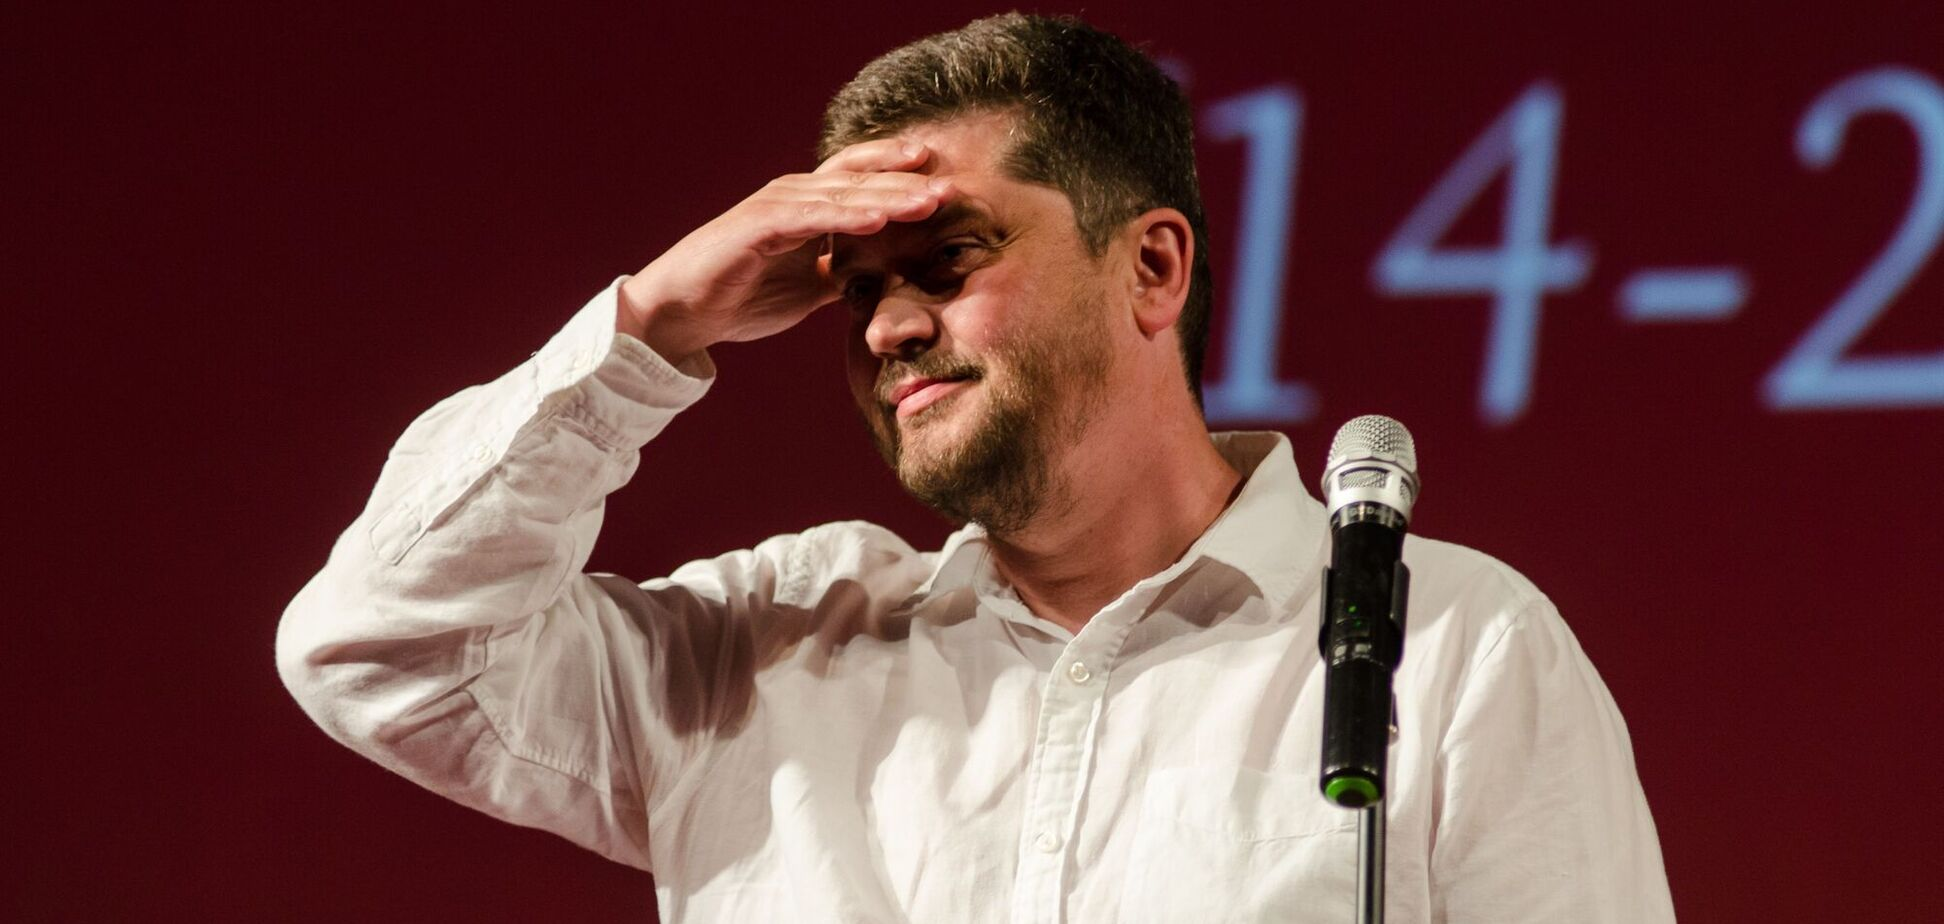 Создатель 'Атлантиды' о критике со стороны россиян: они злорадствуют, а для меня их не существует